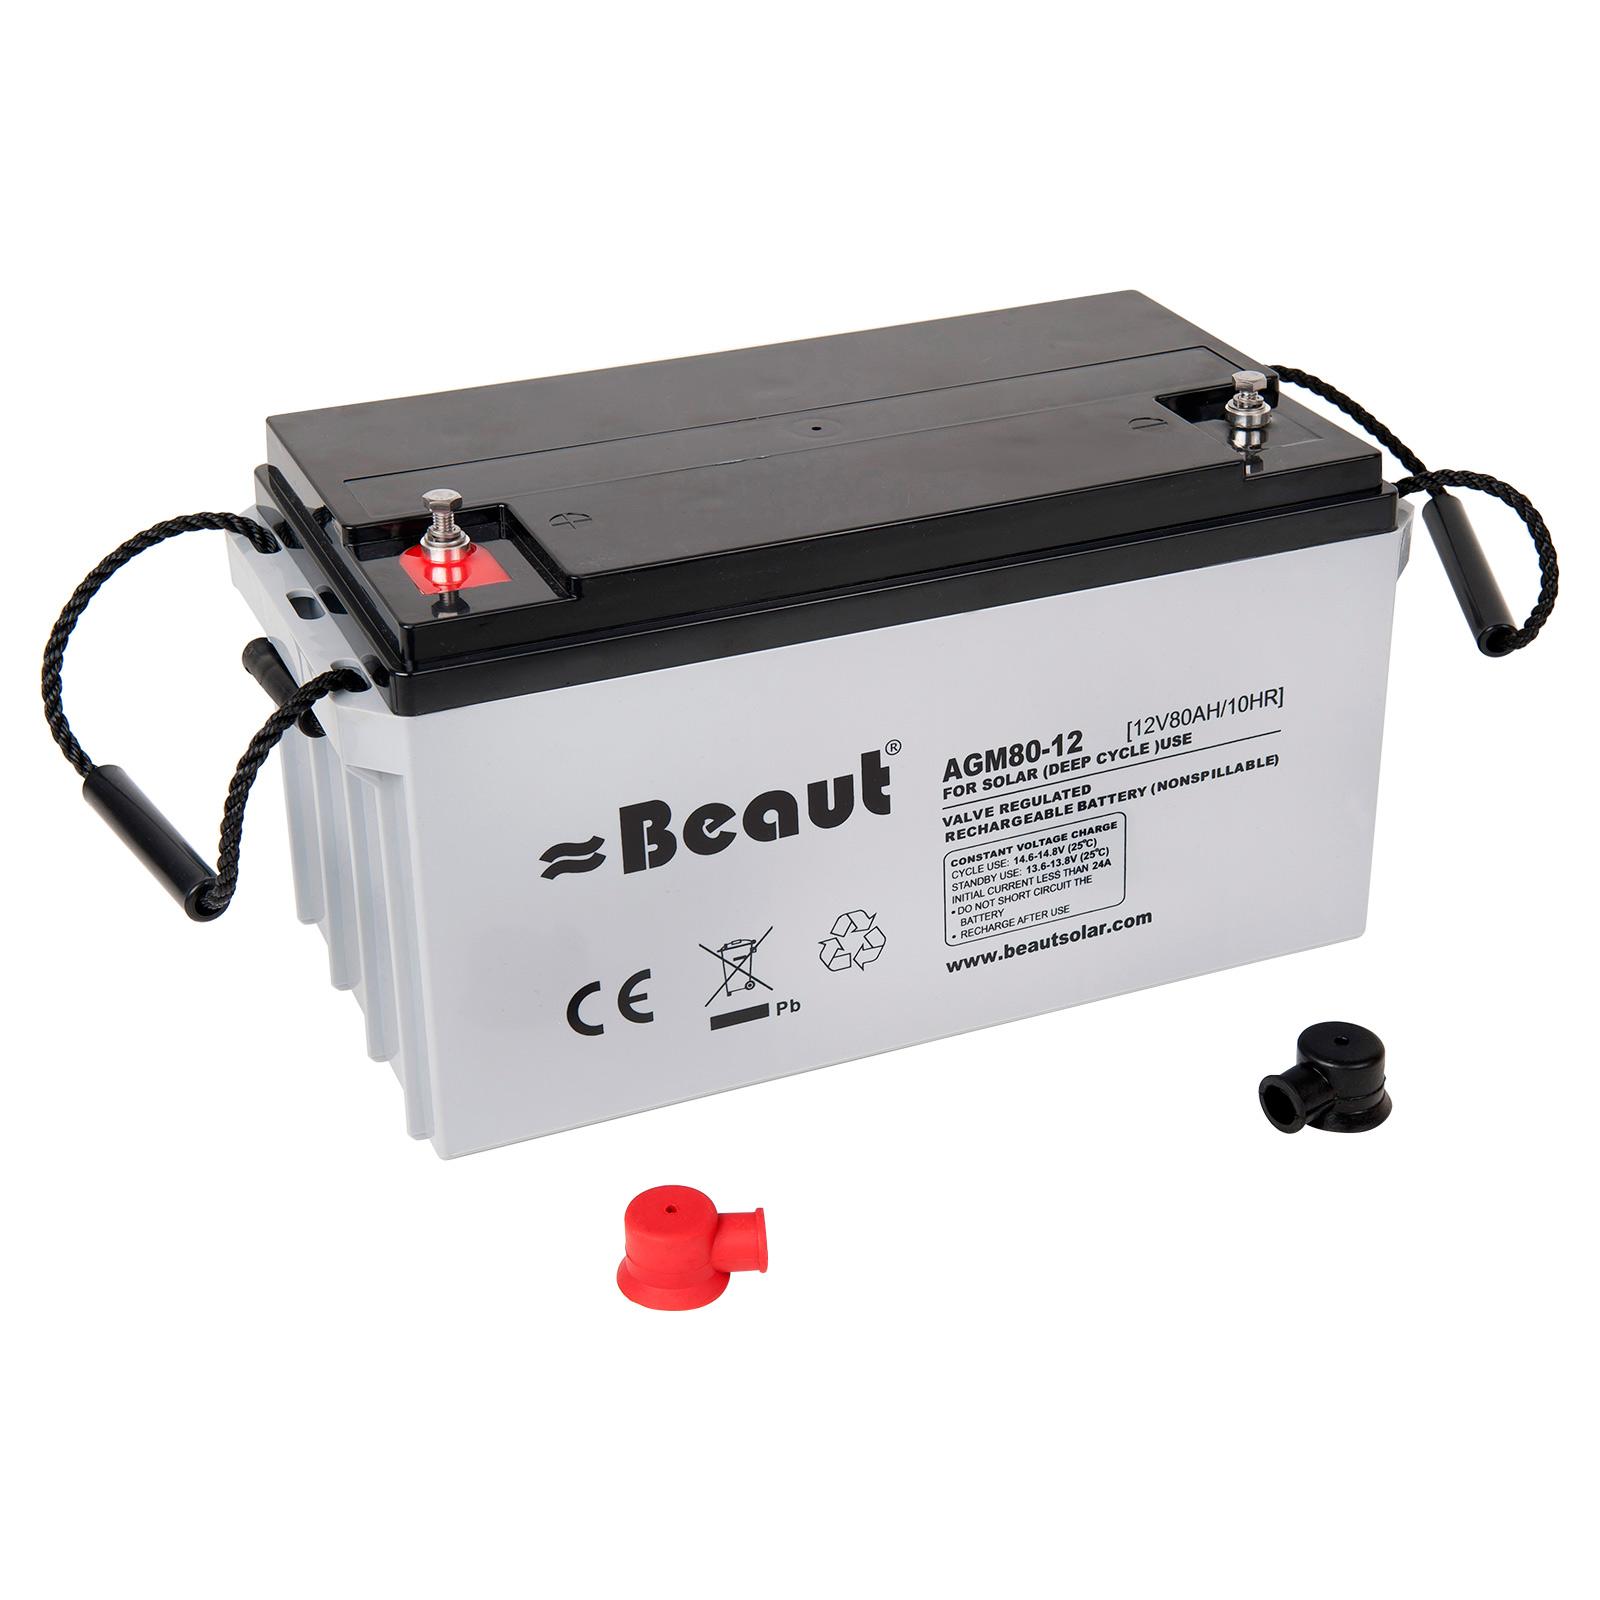 Solar Batterie Beaut 80 A 12 Volt AGM 350x167x180 mm